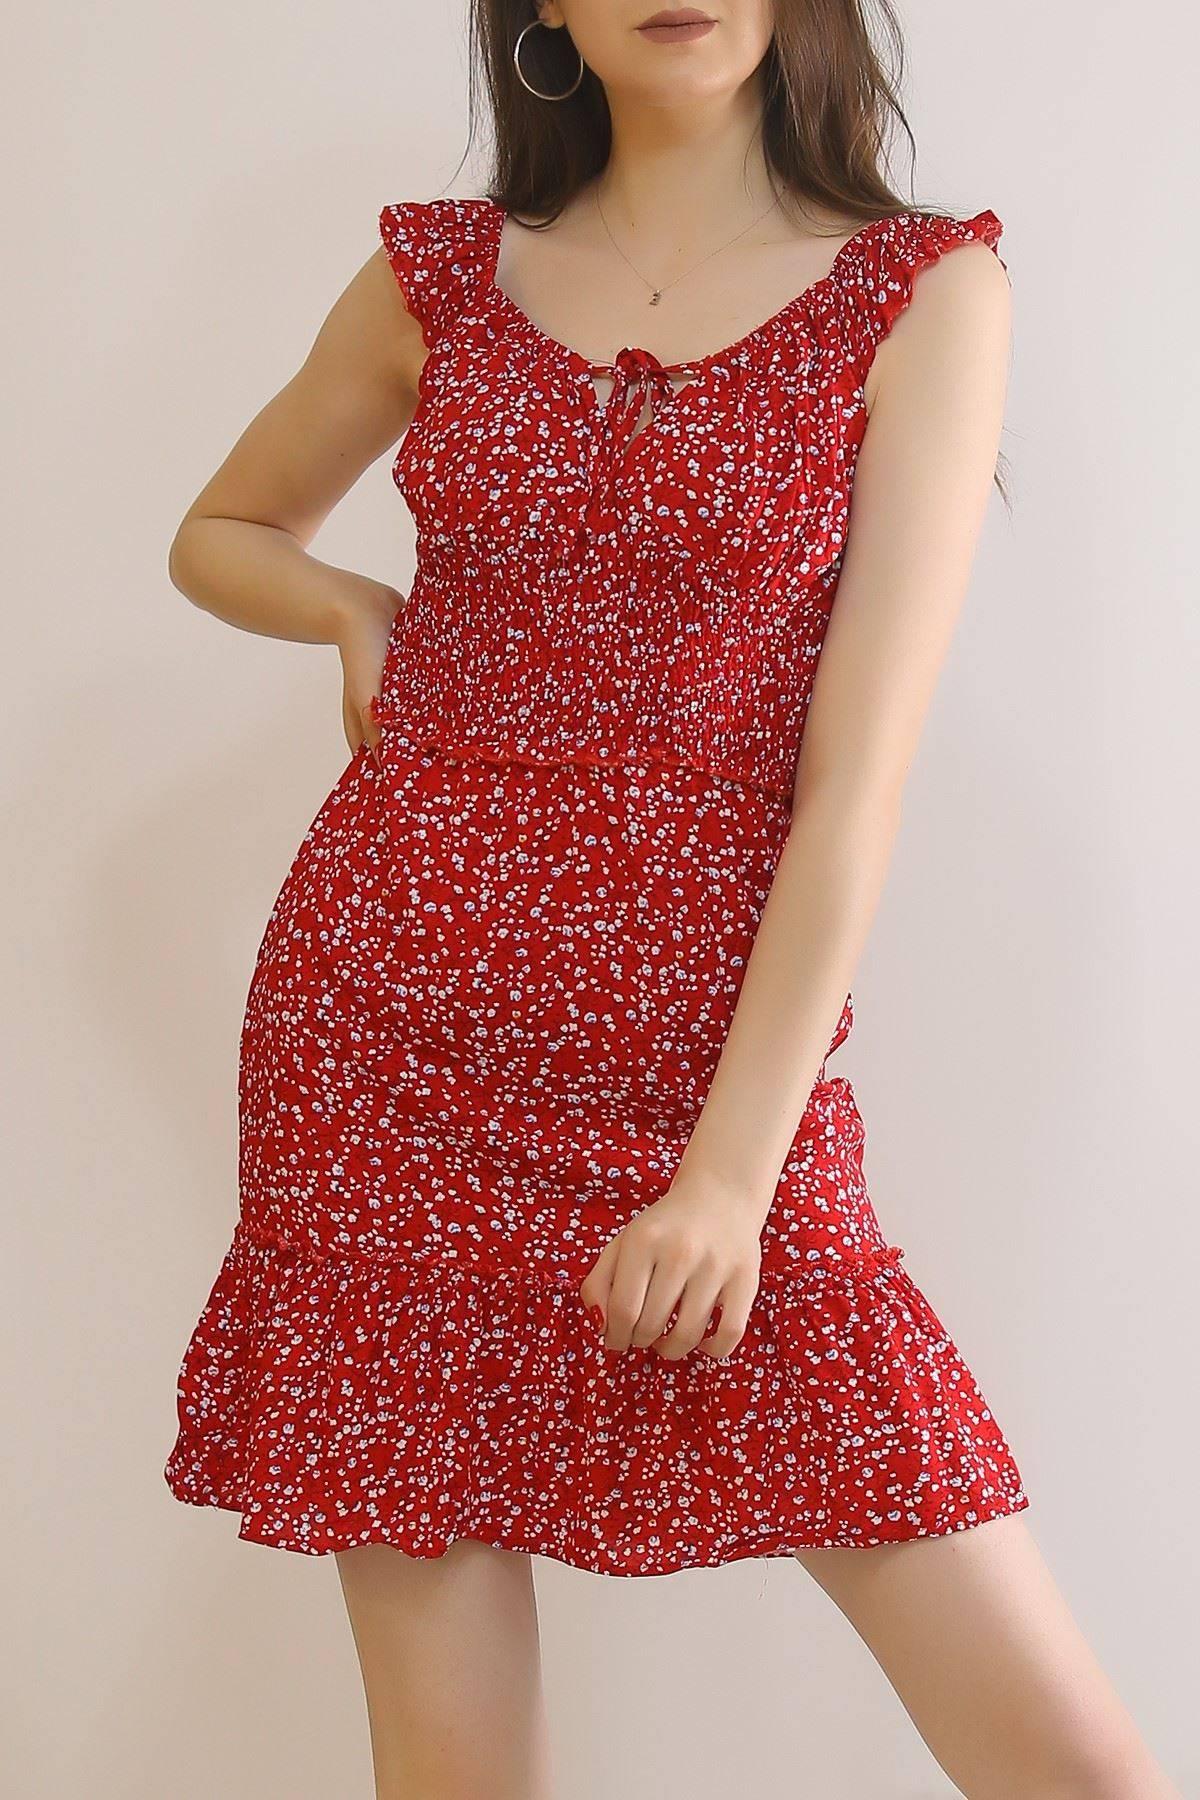 Beli Gipeli Mini Elbise Kırmızı - 2702.994.